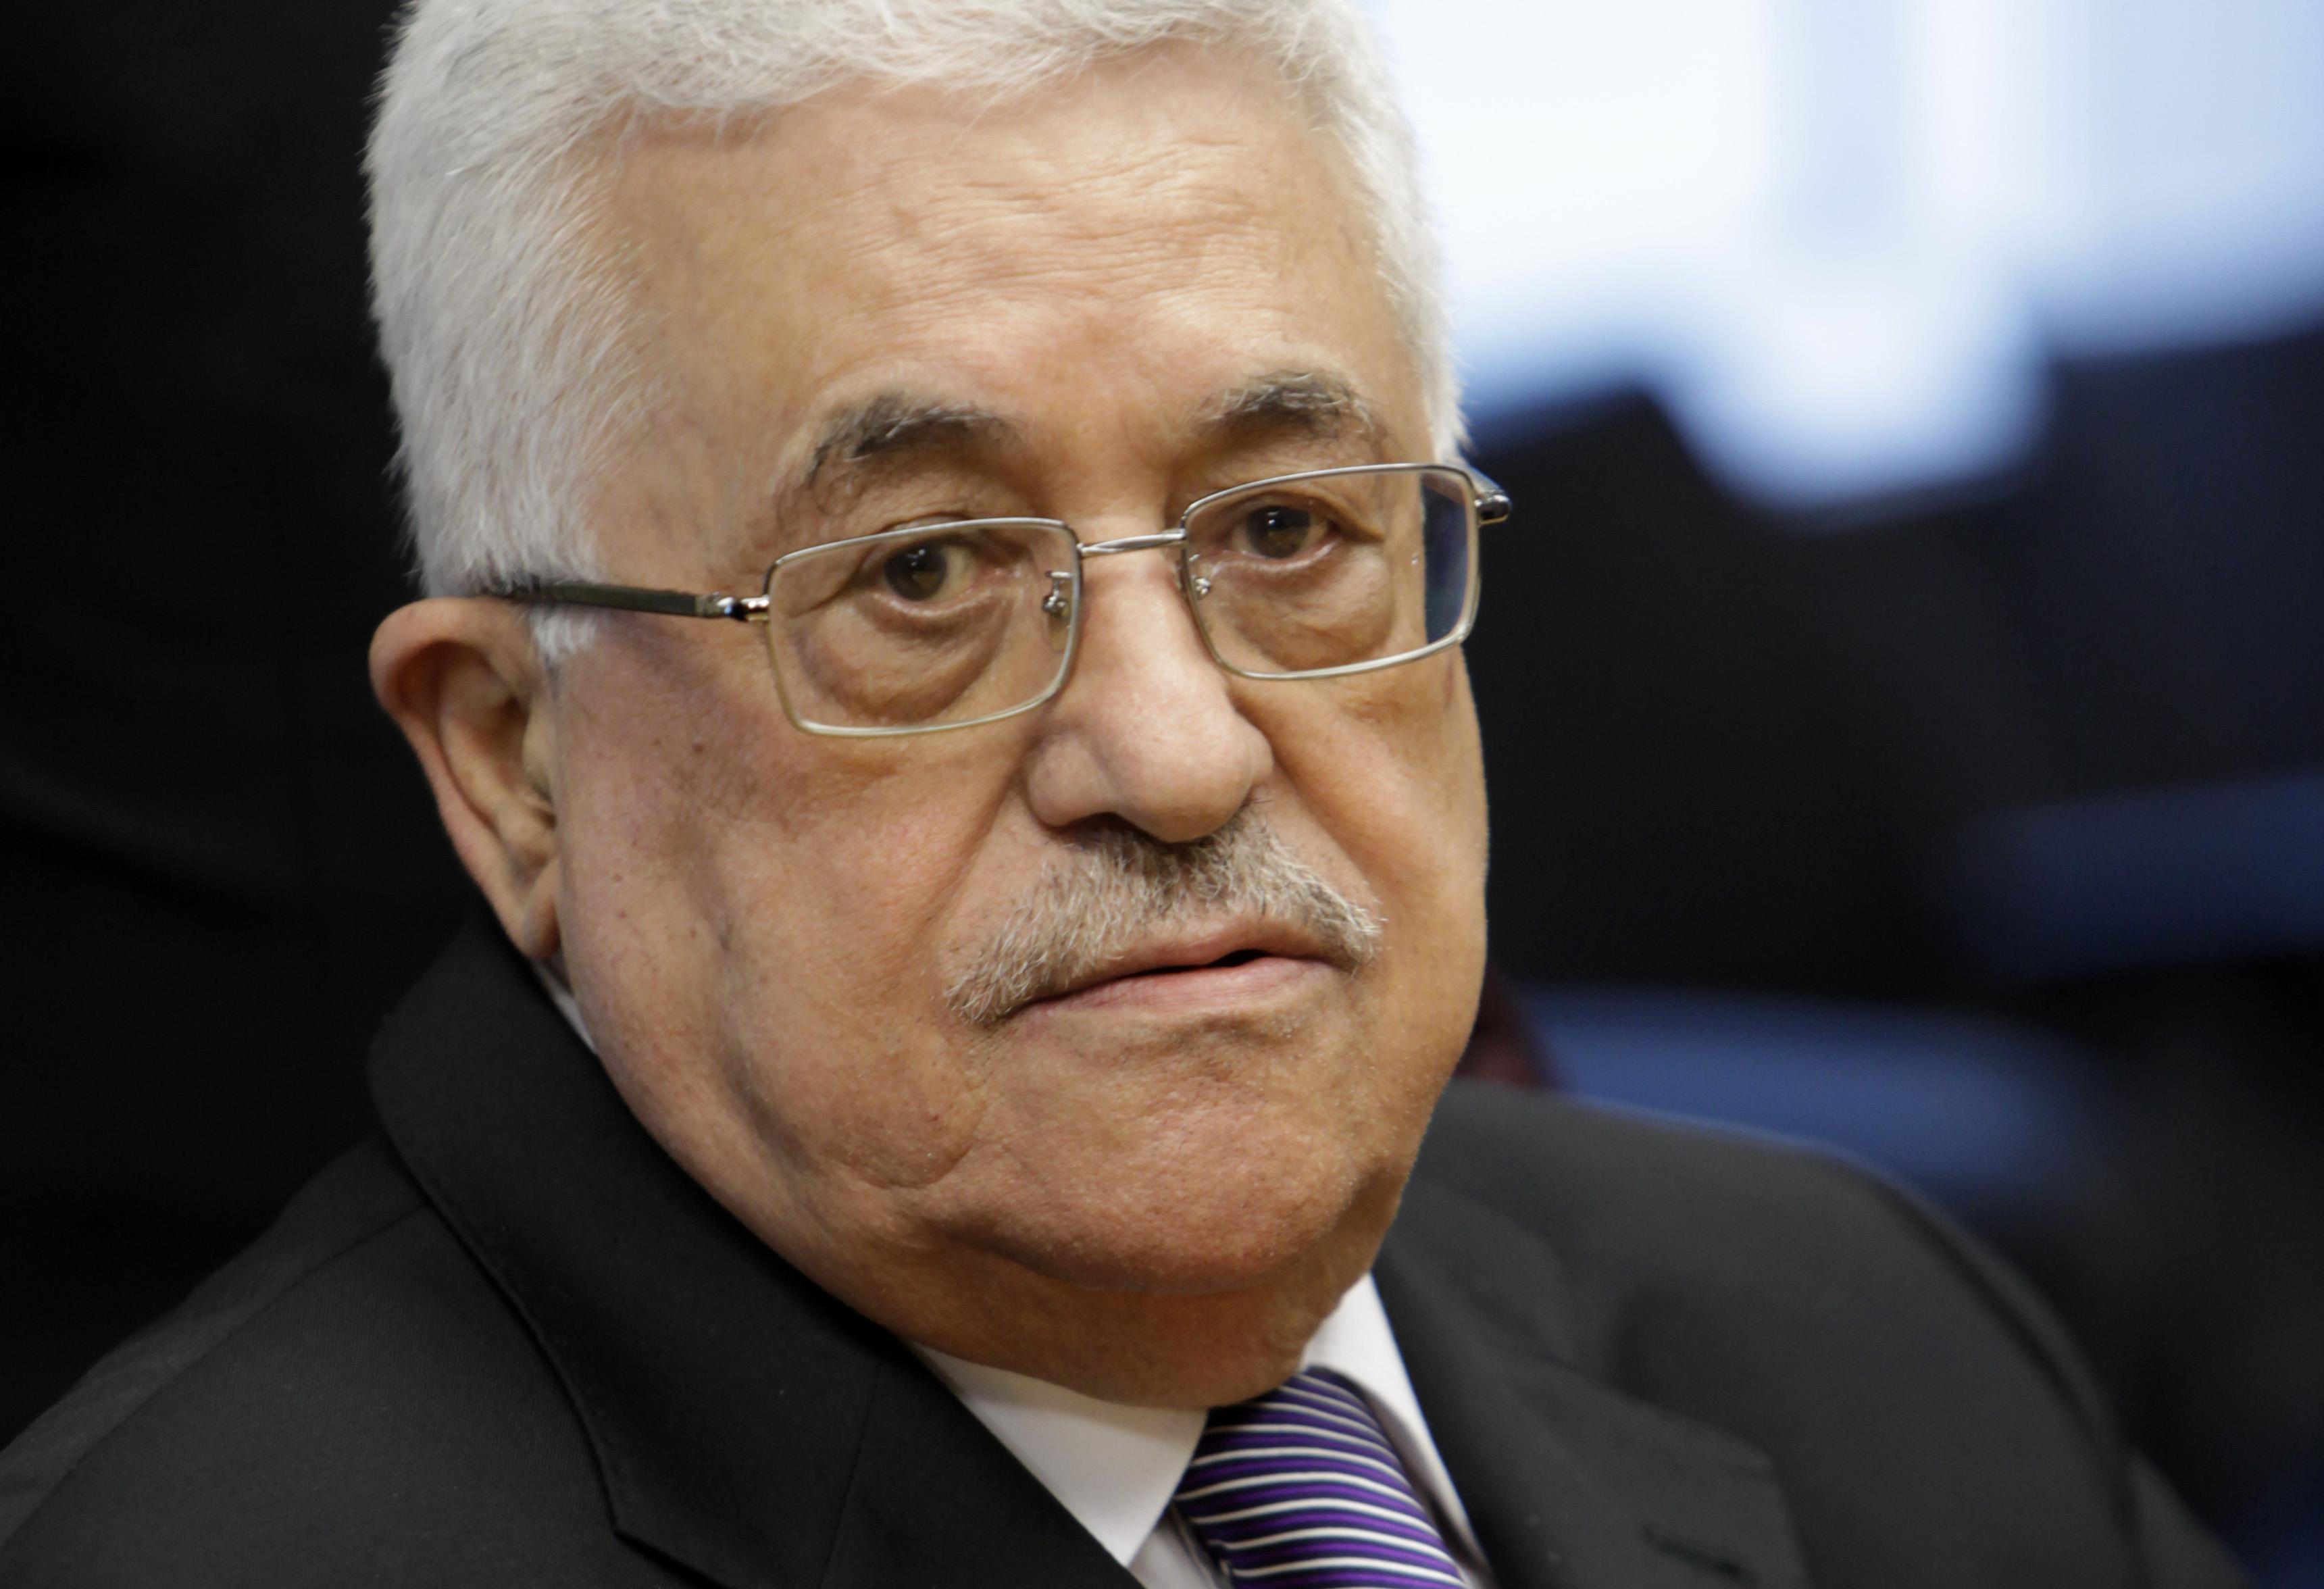 صورة الرئاسة الفلسطينية تطالب نتانياهو بالاستجابة لطلب ترامب بوقف الاستيطان